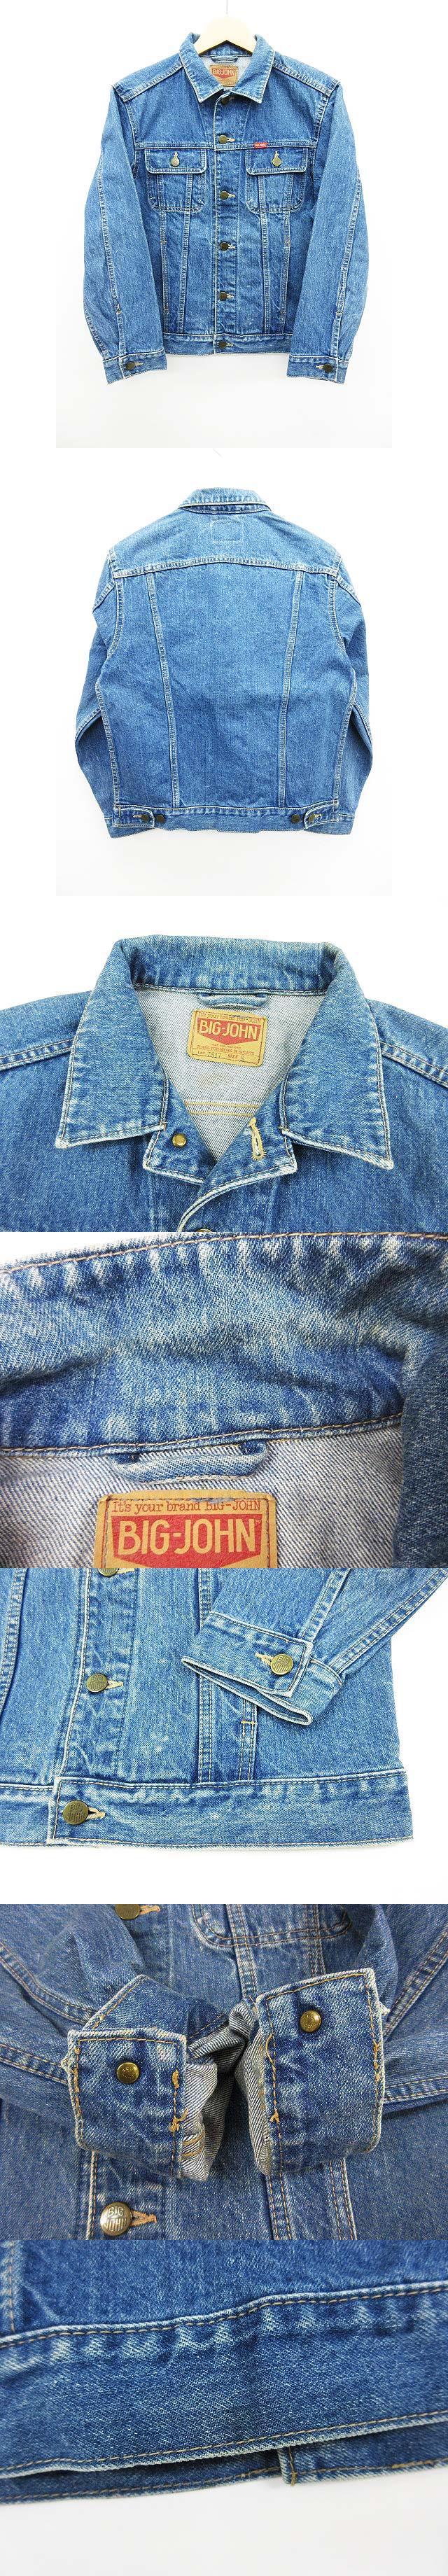 ジャケット デニムジャケット ジージャン ステンカラー ライトブルー 水色 S